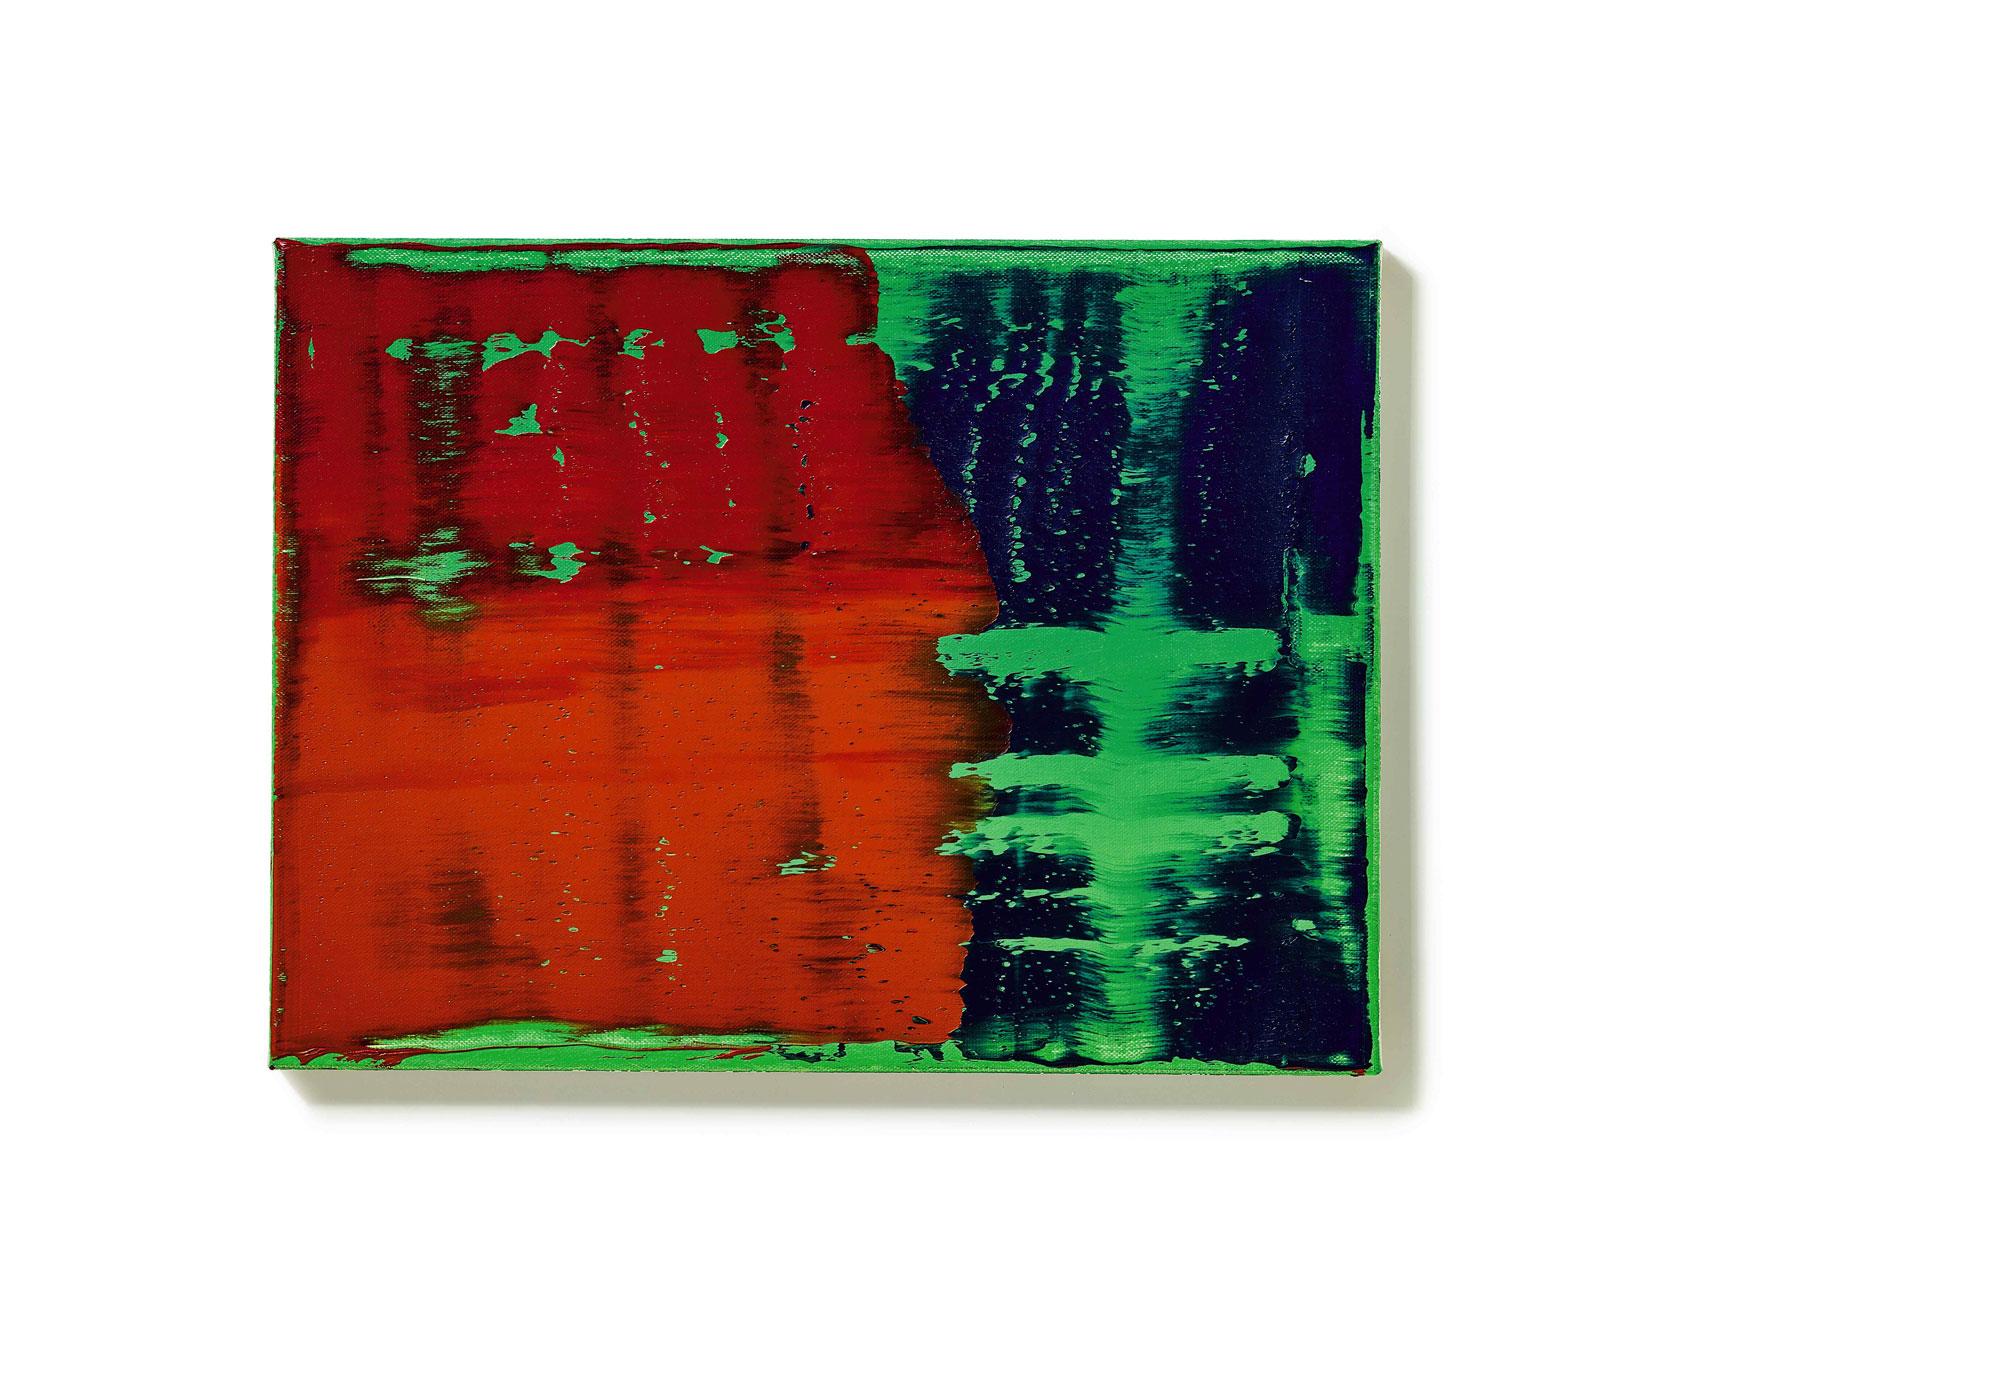 格哈德 · 里希特(Gerhard Richter) 《綠藍紅》 1993年作,油畫畫布 30 x 40 公分